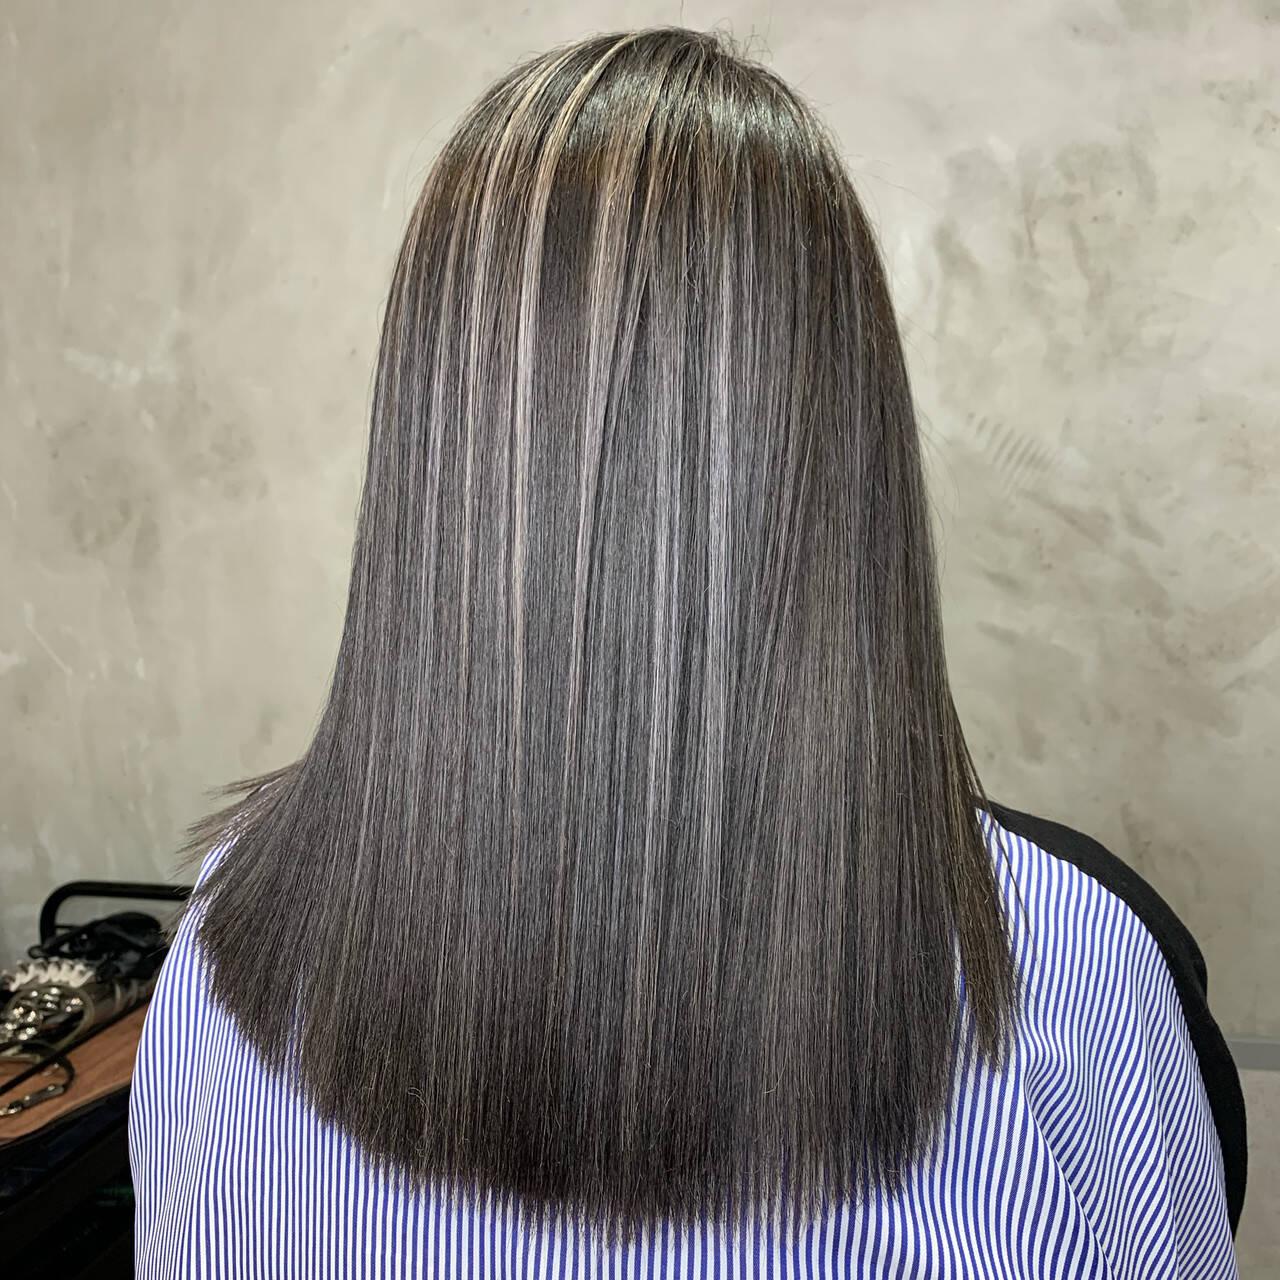 極細ハイライト ハイライト モード 3Dハイライトヘアスタイルや髪型の写真・画像